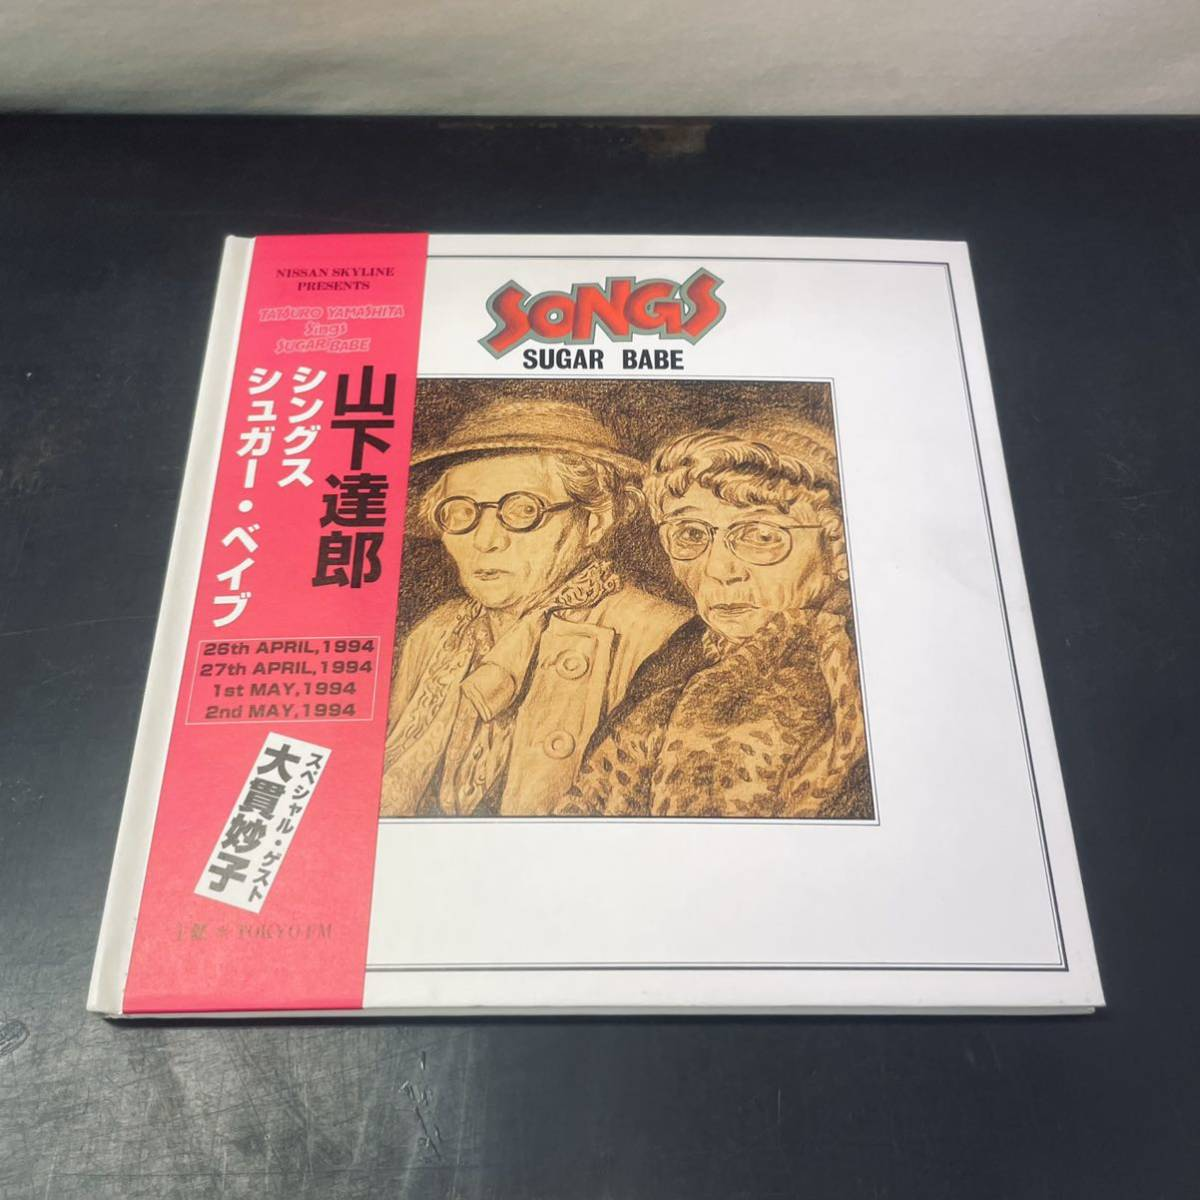 ☆コンサートパンフレット☆帯付☆希少☆山下達郎 シングス シュガー・ベイブ 1994年ライ